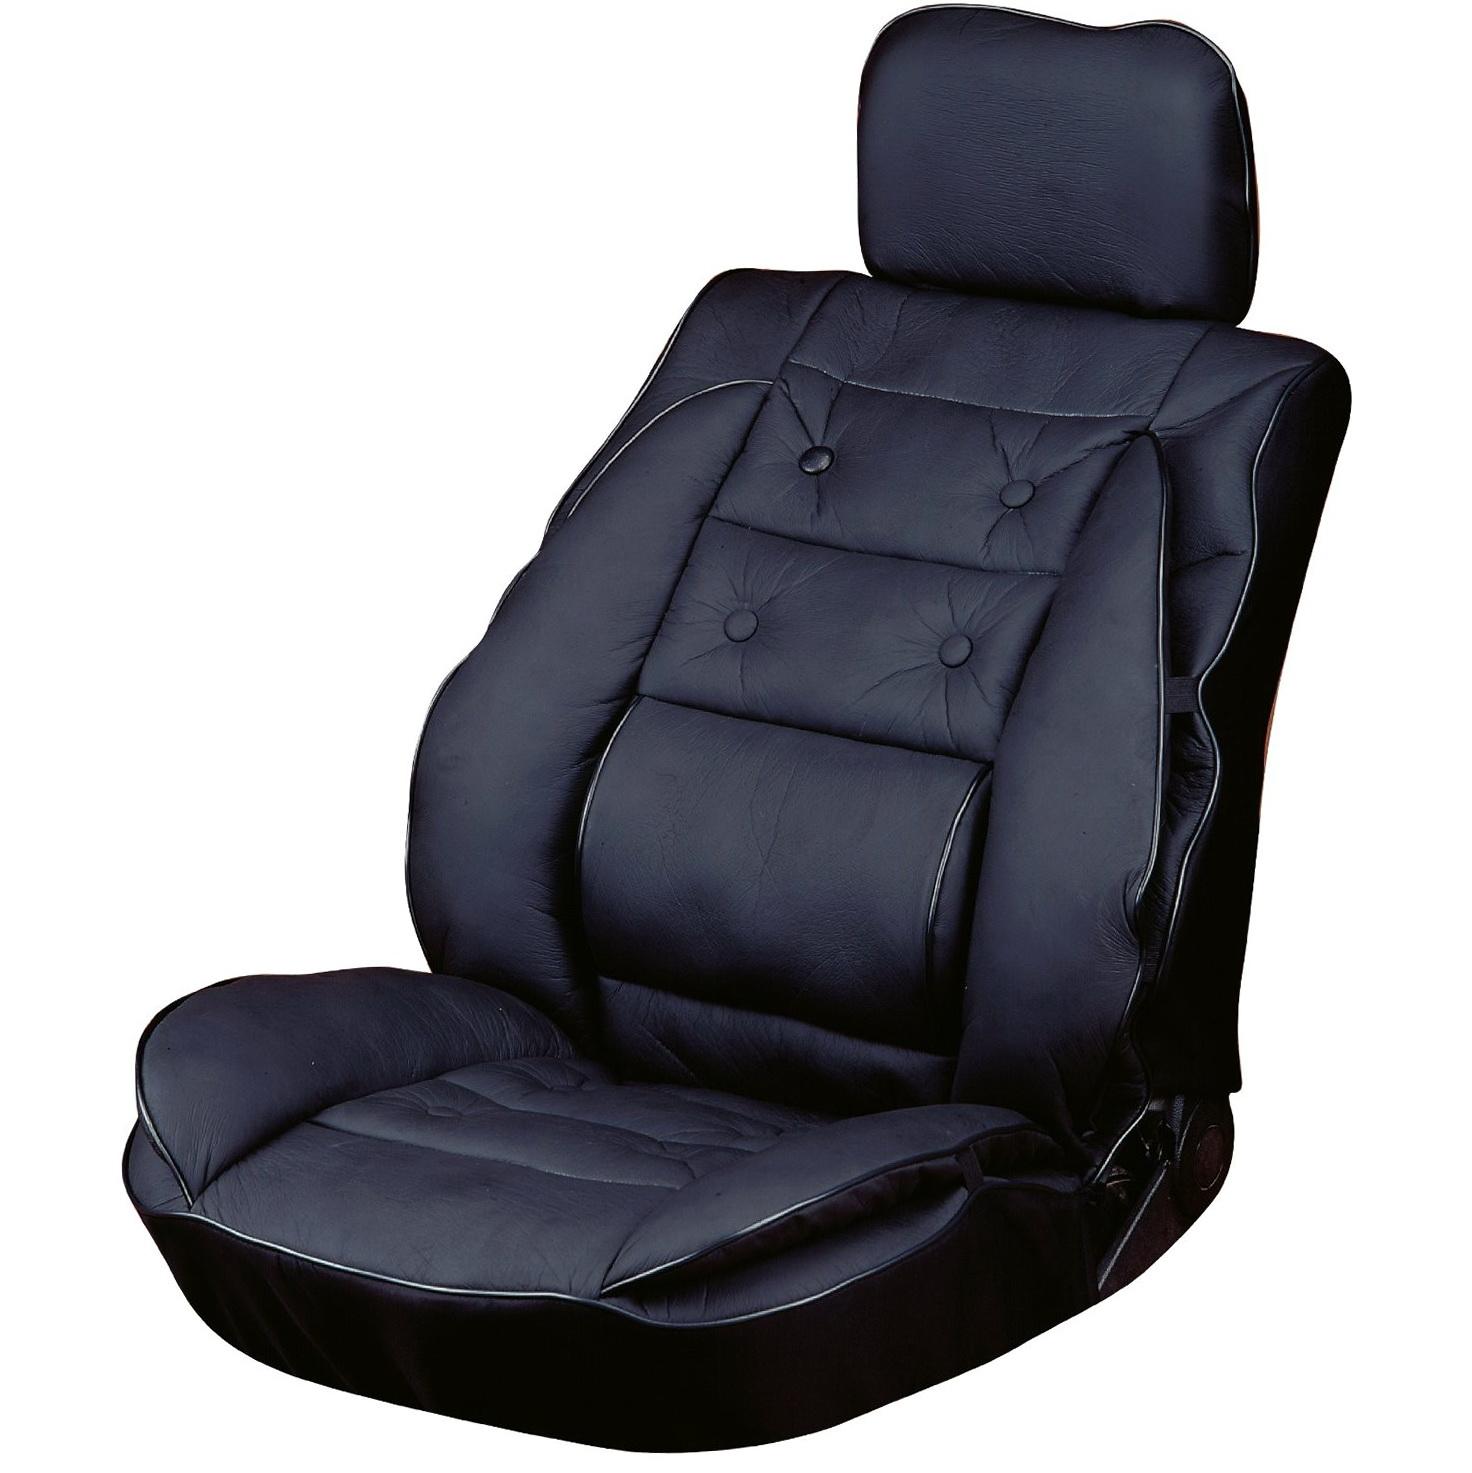 Ergonomic Chair Cushion Back Home Design Ideas